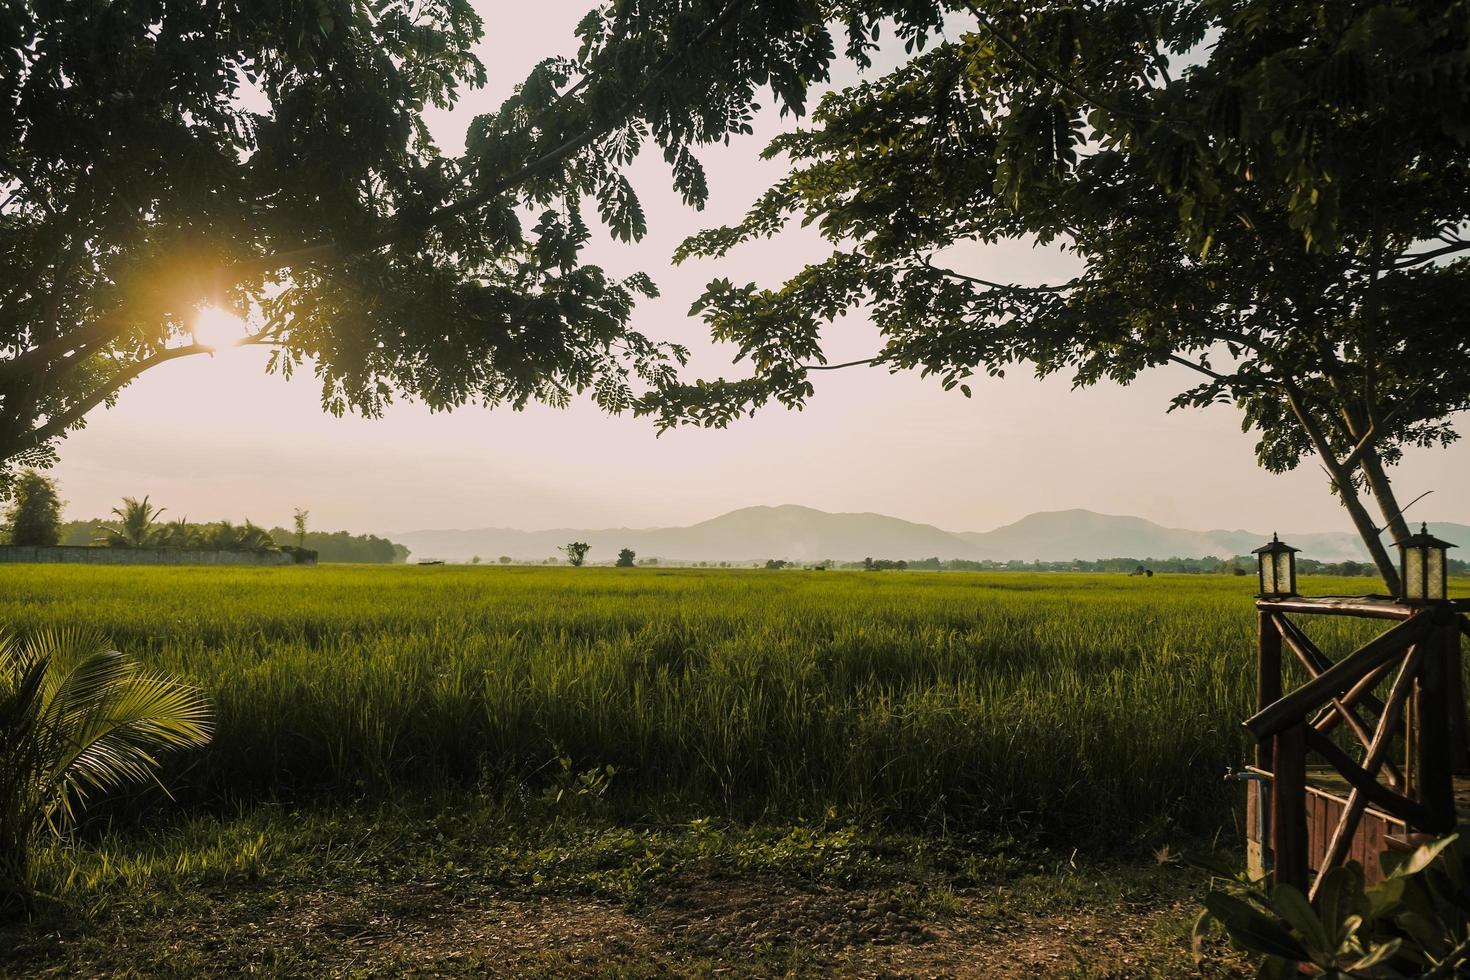 tramonto presso il campo di riso verde in campagna foto